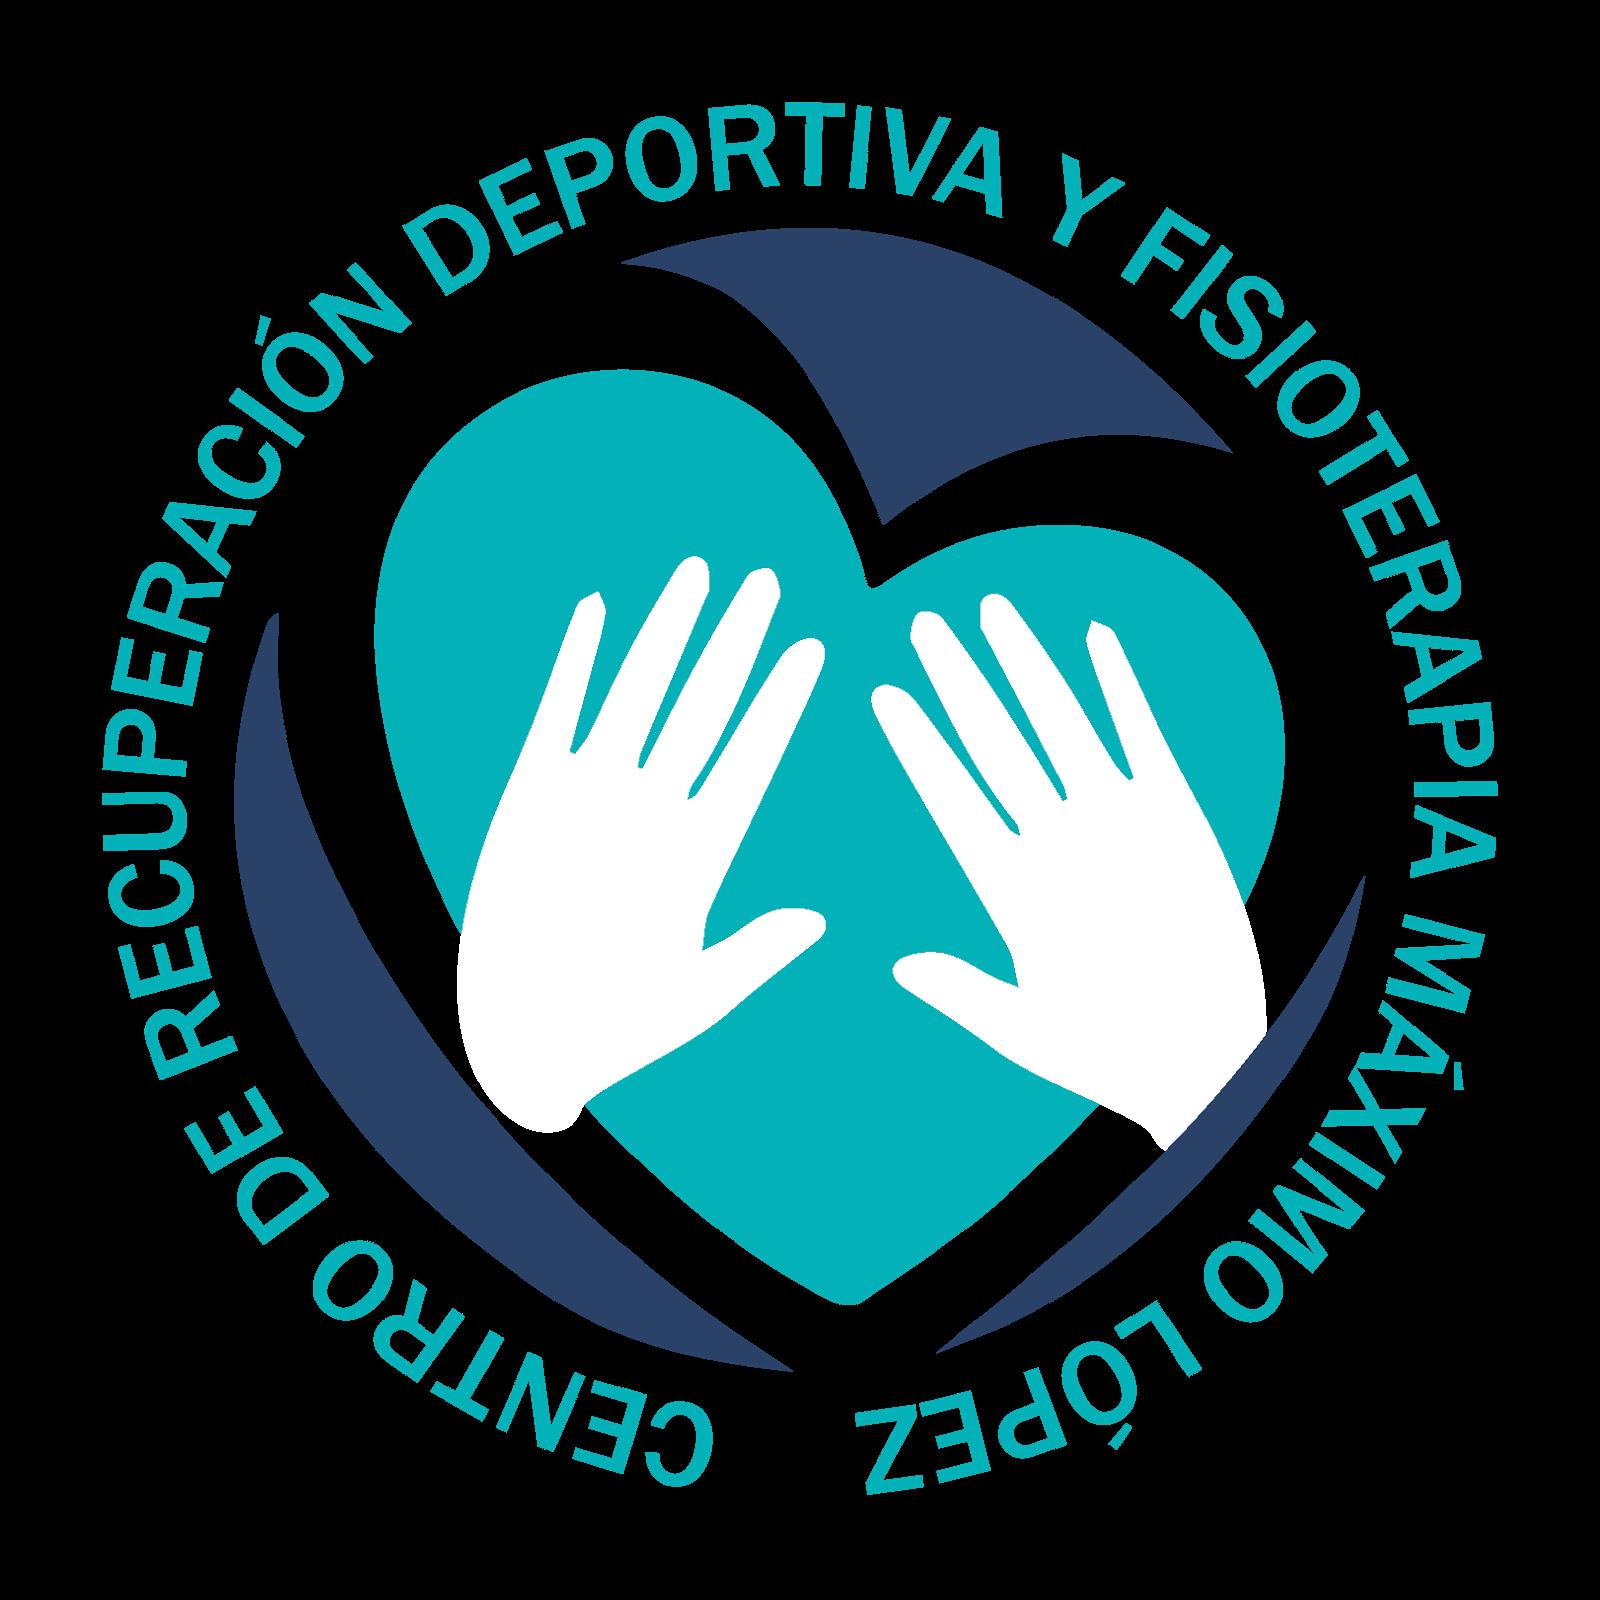 FISIOTERAPIA MÁXIMO LÓPEZ  20% DESCUENTO PARA SOCIOS